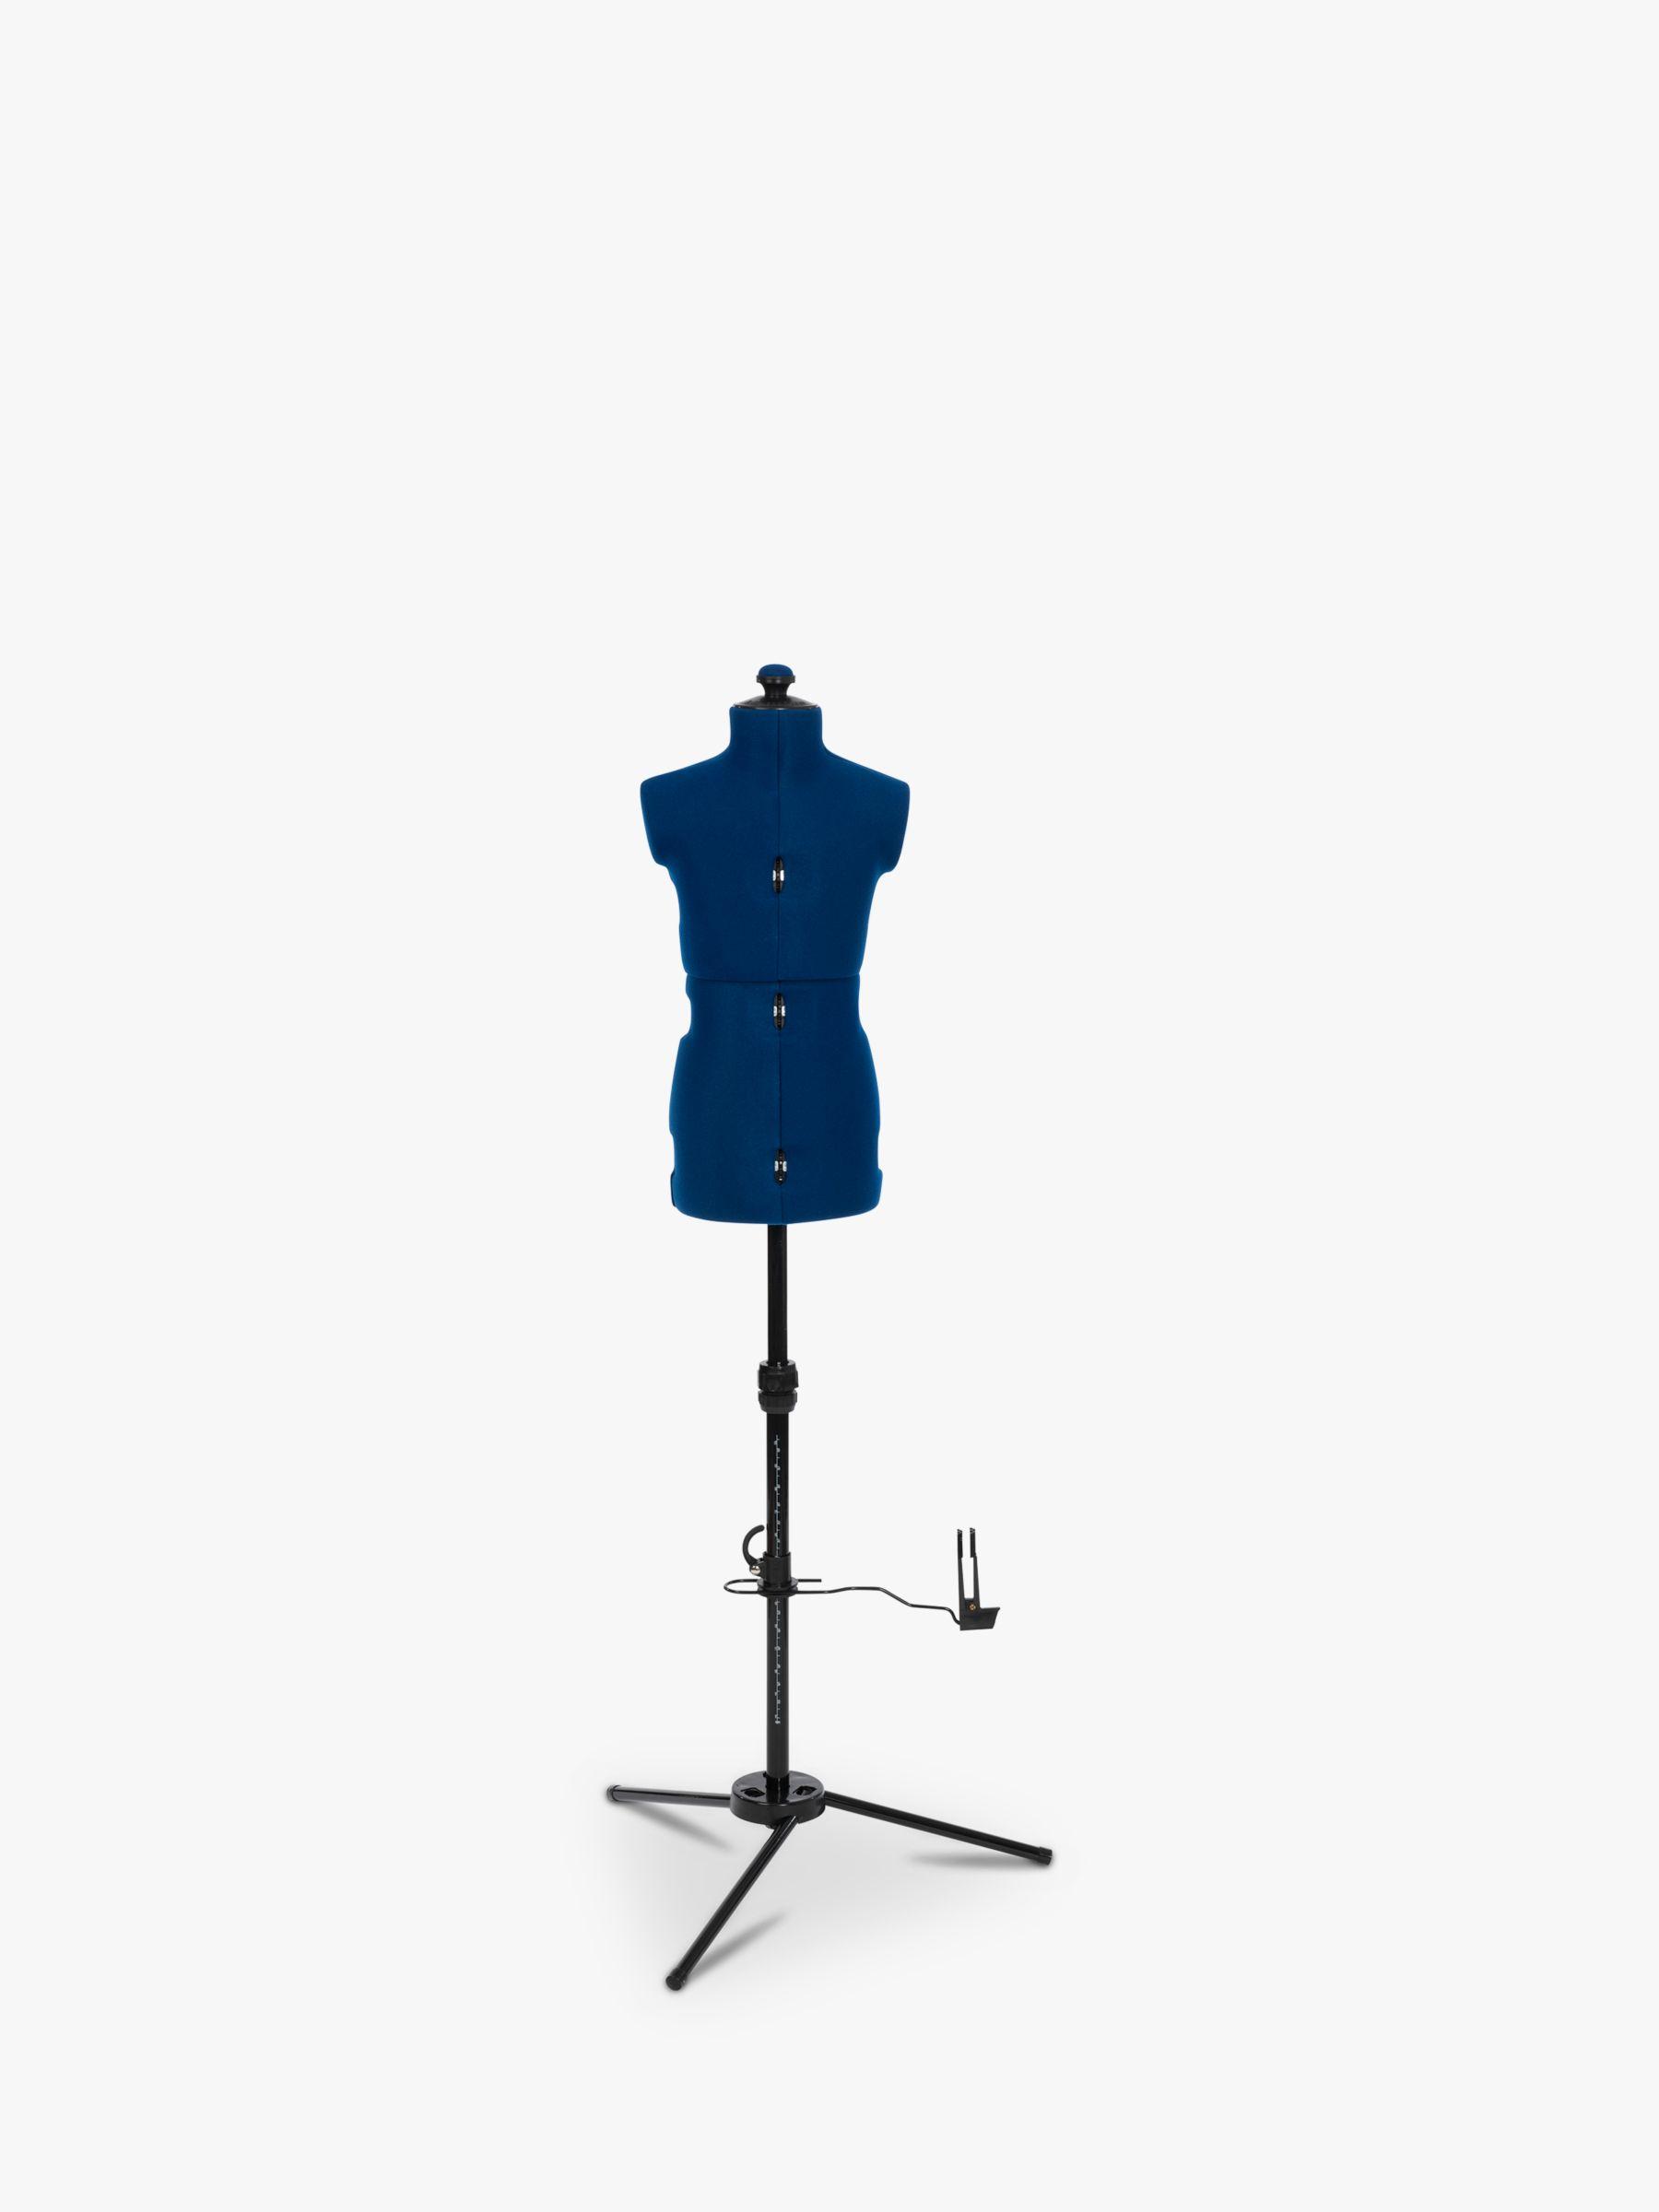 Adjustoform Adjustoform Supafit Junior Dressmaking Mannequin